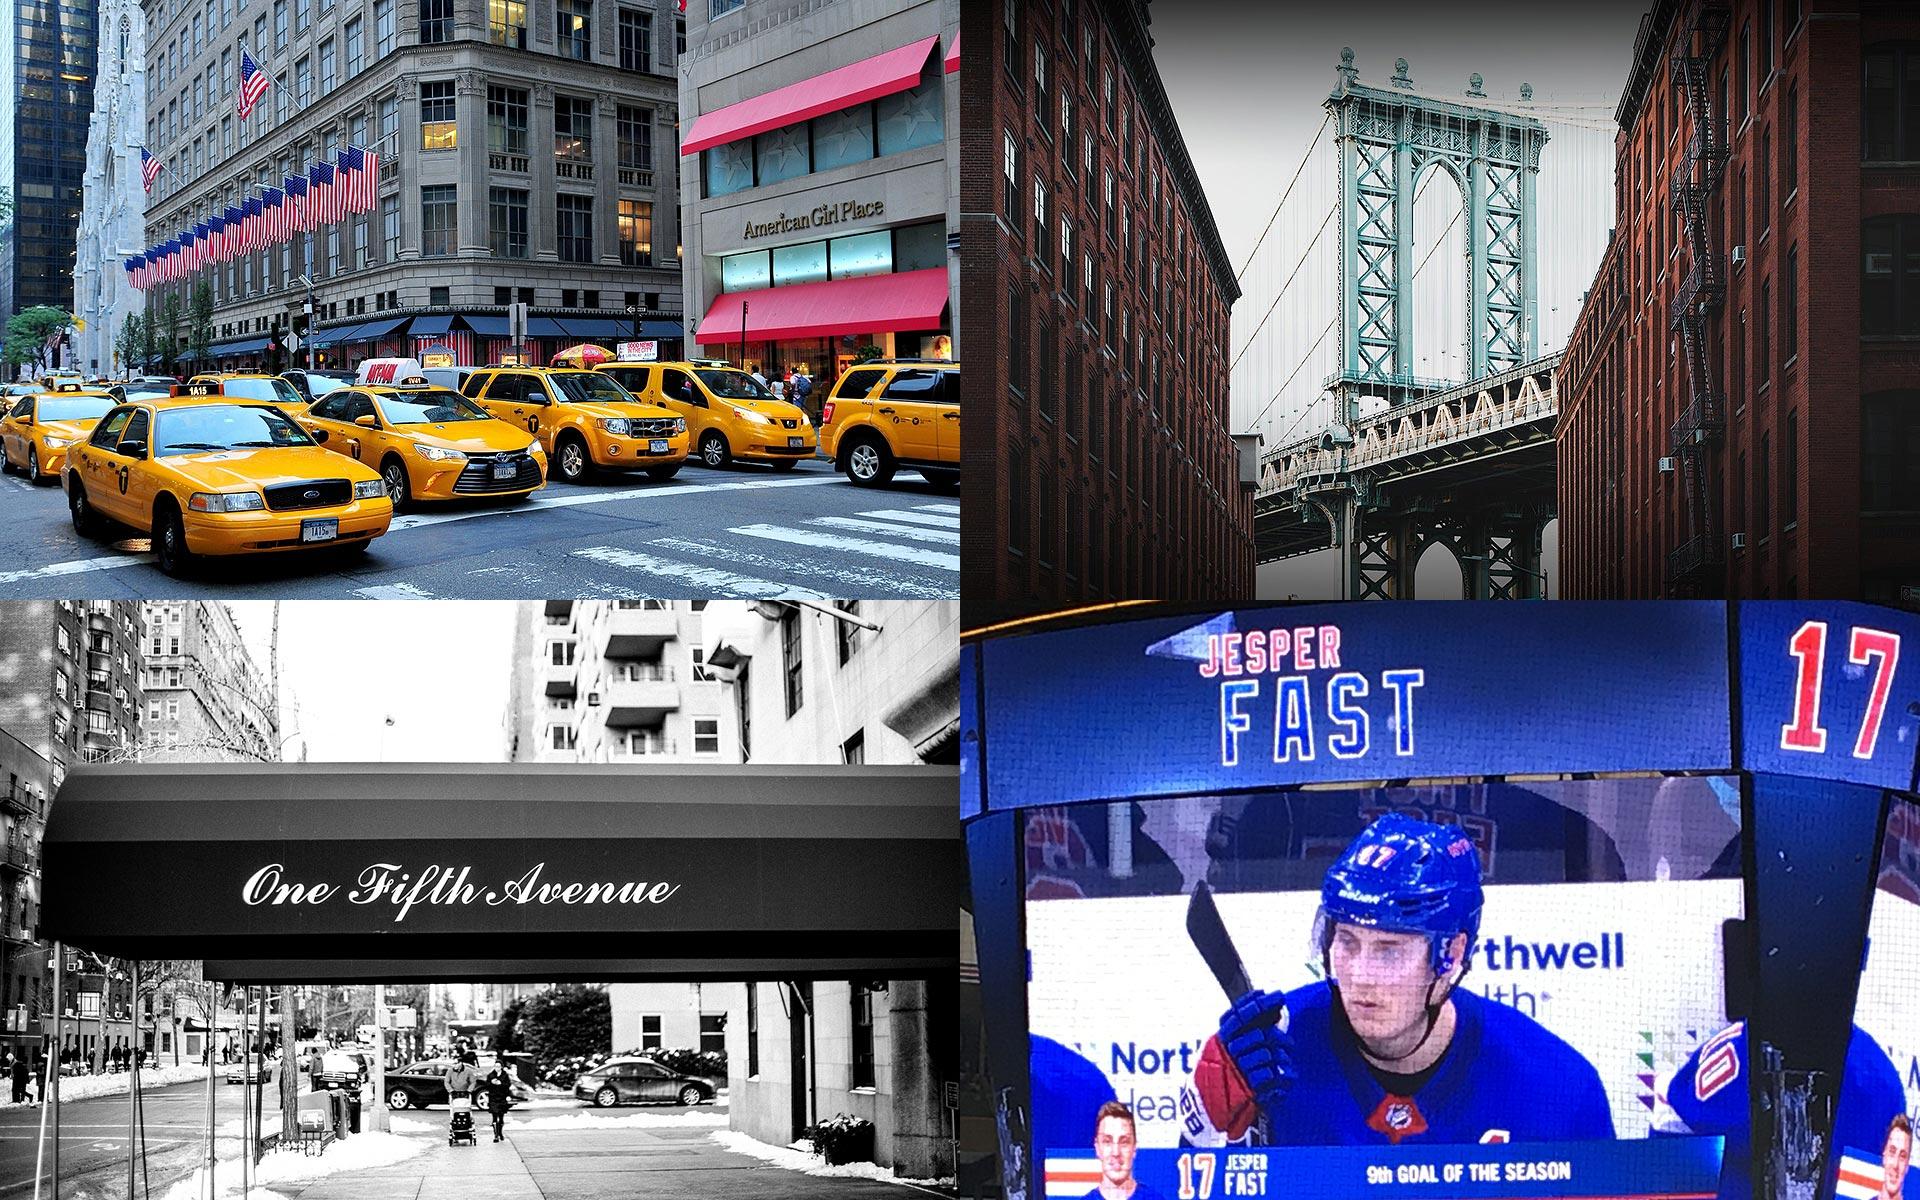 DAG 2 - GAMEDAY - Vi inleder dagen med stadrundtur. Vår duktiga guide Douglas Ljungkvist tar oss omkring på Manhattand där vi får uppleva Central Park, Fifth Avenue, Ground Zero, Chelsea Market m.m. Douglas är ursprungligen från Göteborg och har bott i New York i 25 år.På kvällen är det dags för New York Rangers på hemmaplan i Madison Square Garden. Ärkerivalen New York Islanders kommer på besök. Matchen börjar kl 19:00 men vi träffas redan kl 17:00 för gemensam uppladdning på en av våra favoritrestauranger Pennsylvania Six.